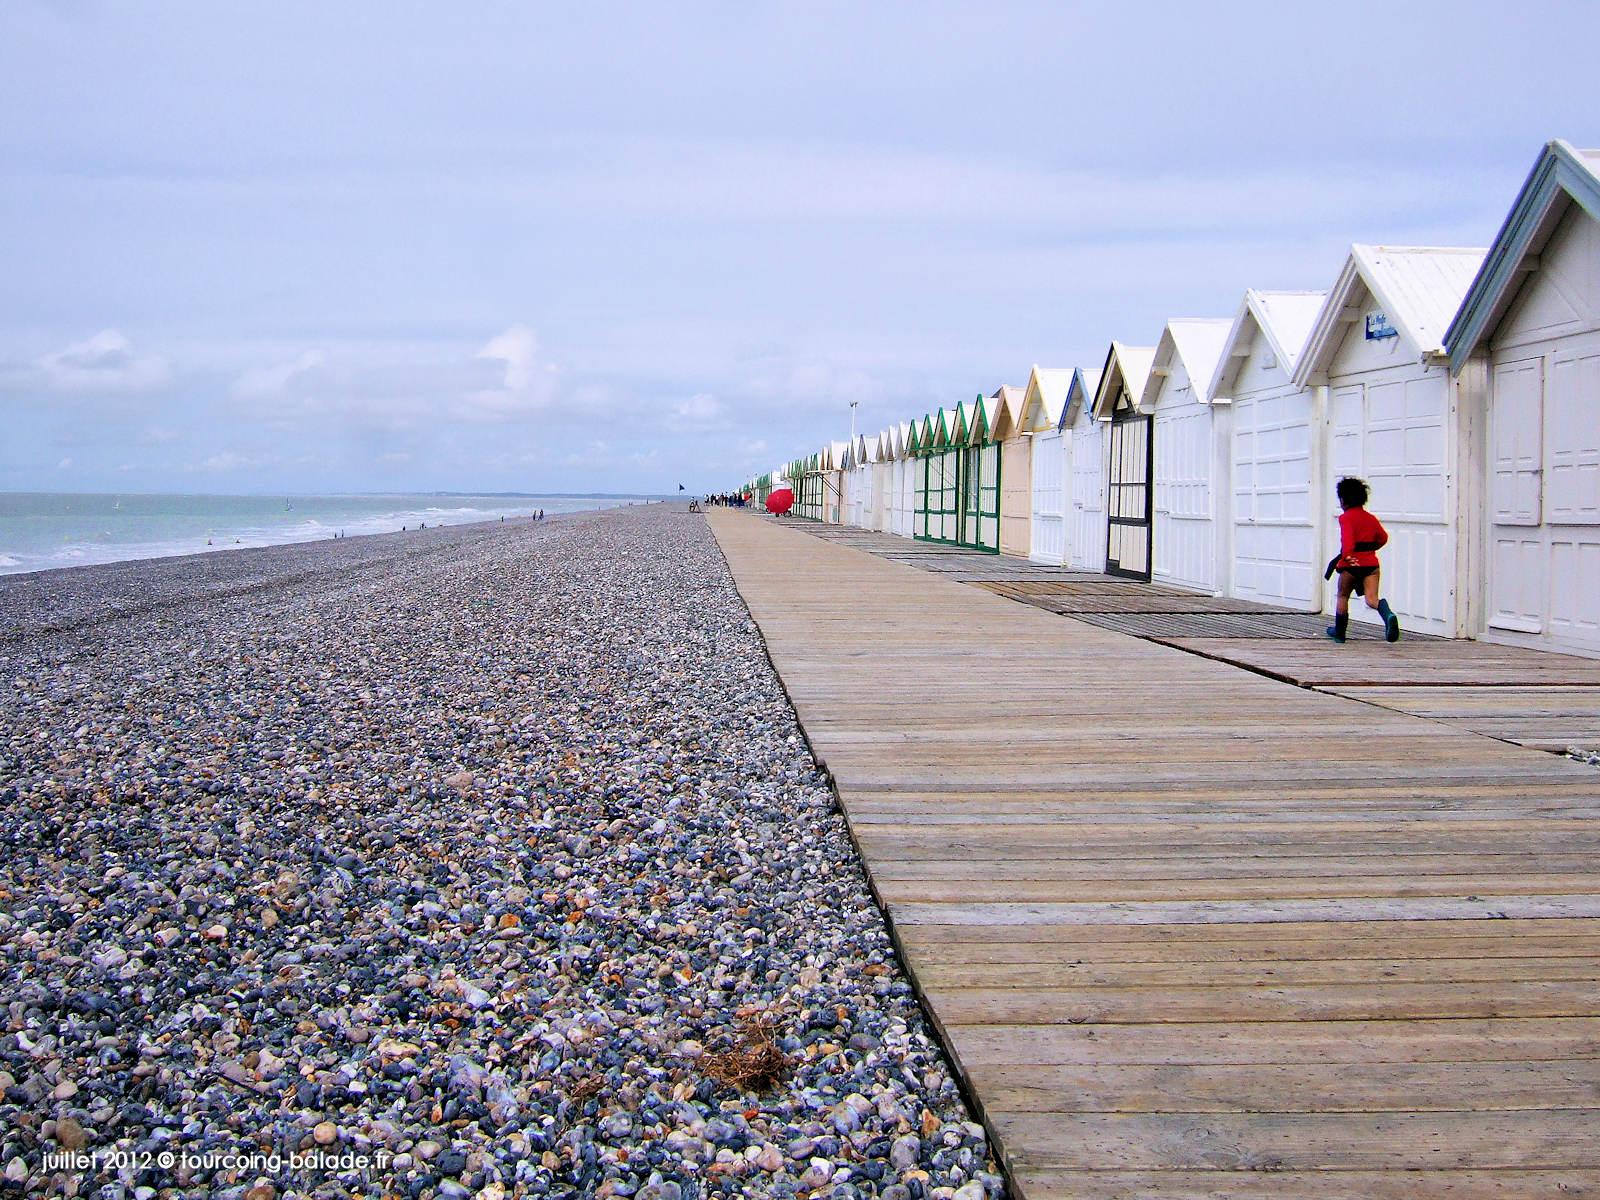 Cayeux-sur-mer - Chemin de planches et cabines de bain - 2012